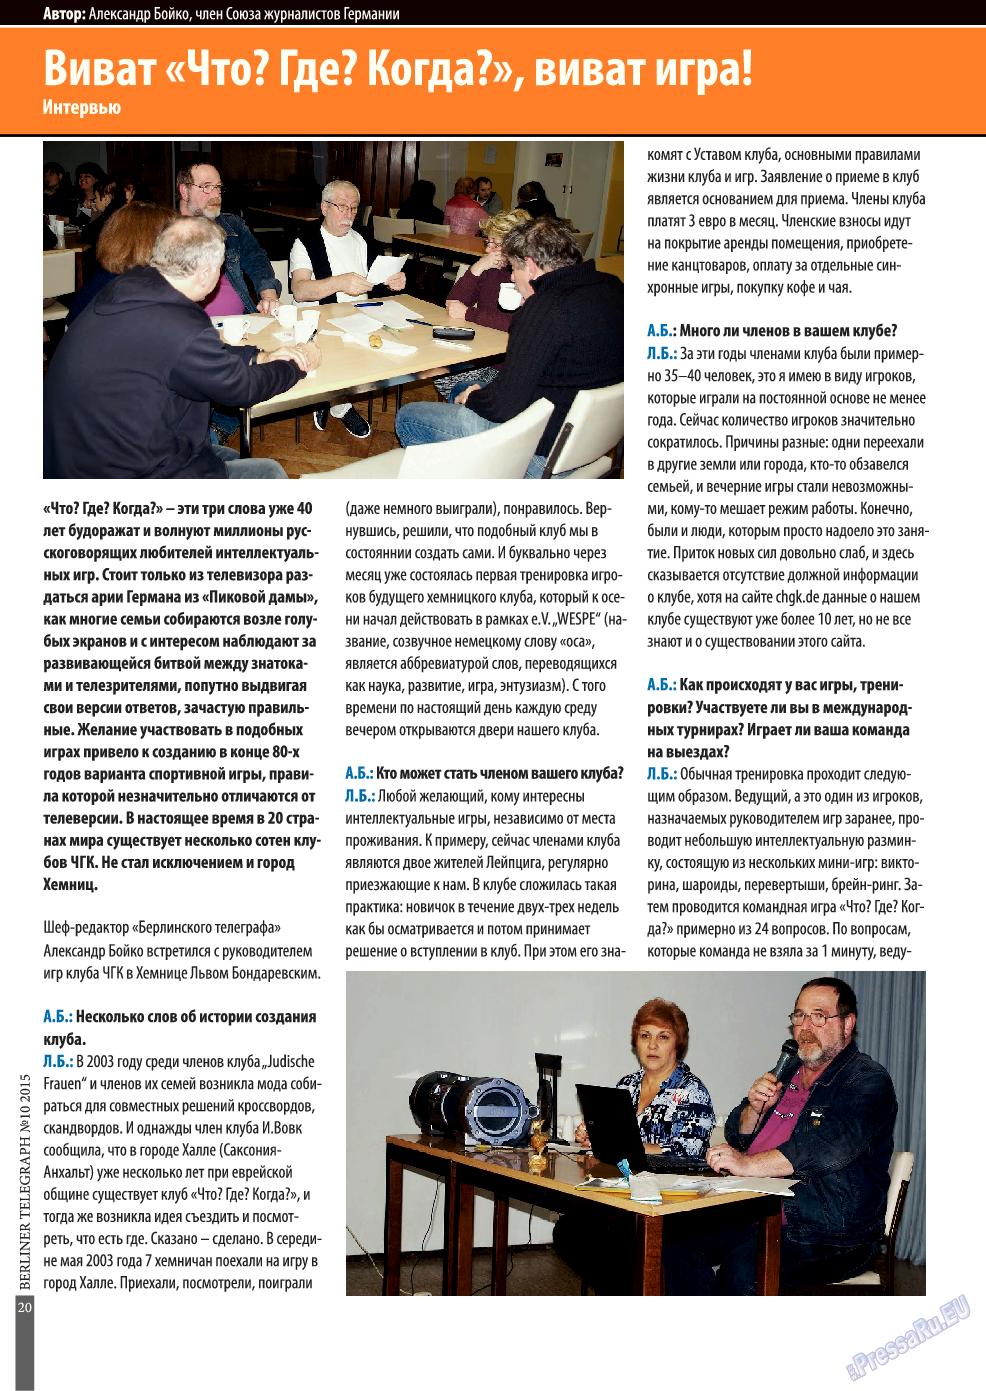 Берлинский телеграф (журнал). 2015 год, номер 11, стр. 20